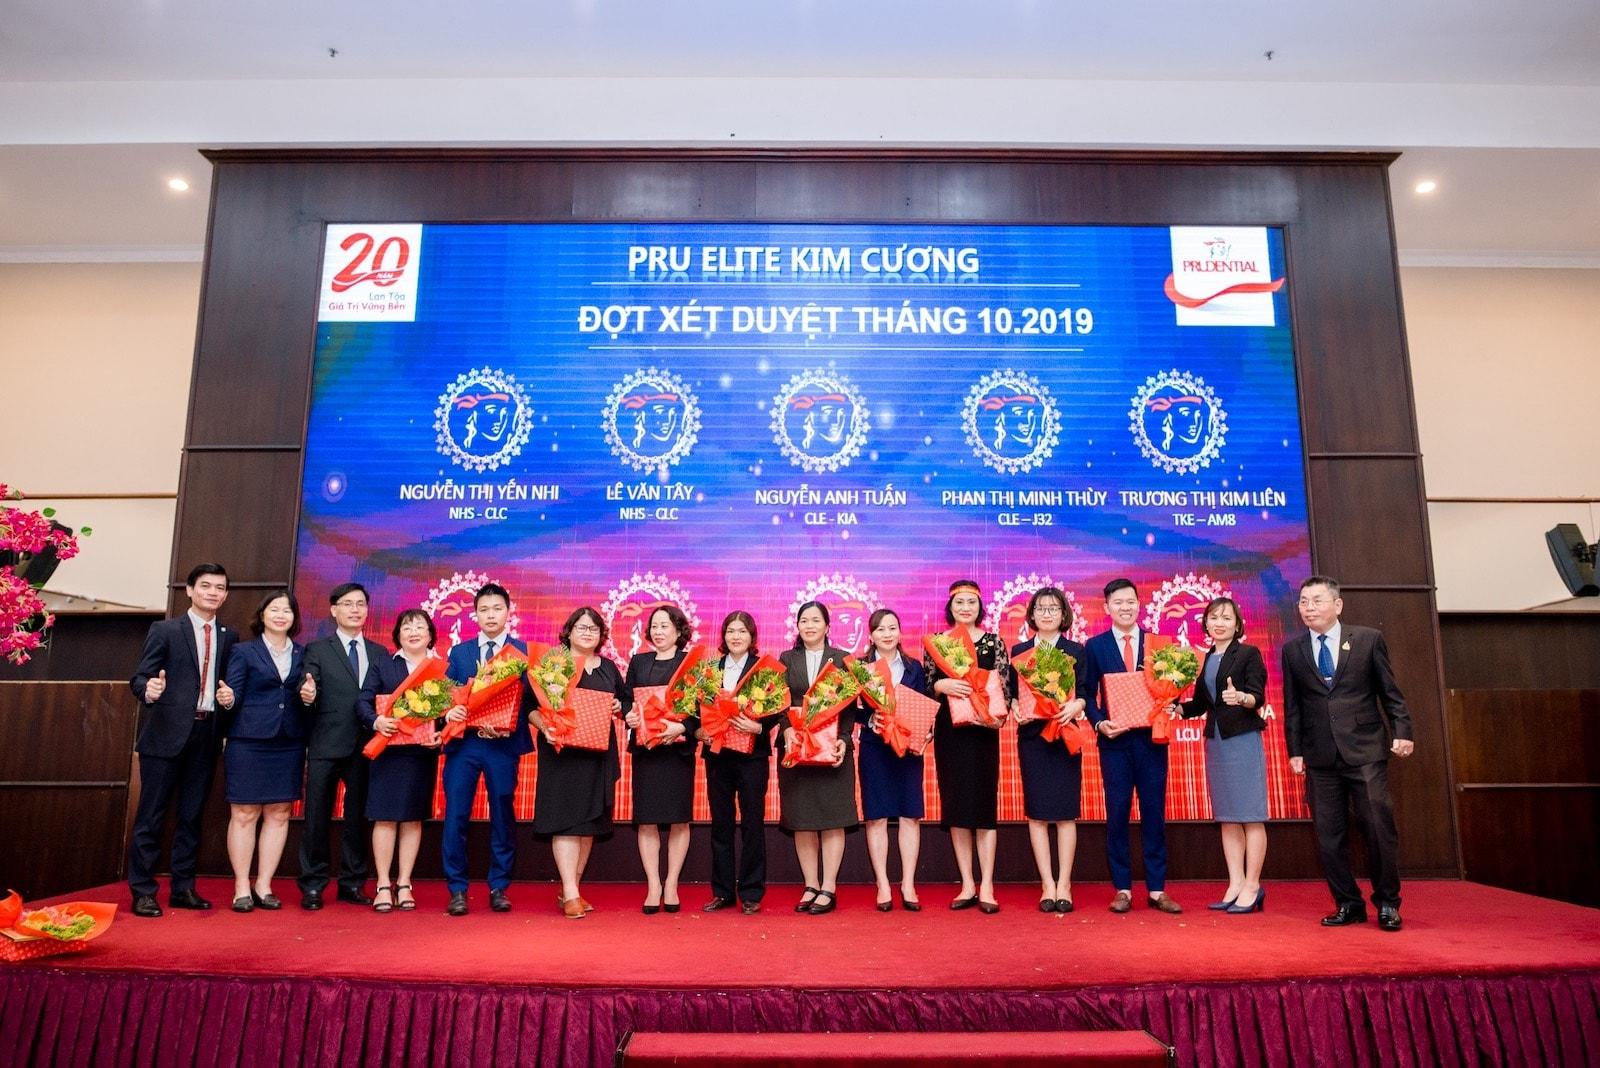 Pru Elite Kim Cương đợt xét duyệt tháng 10-2019